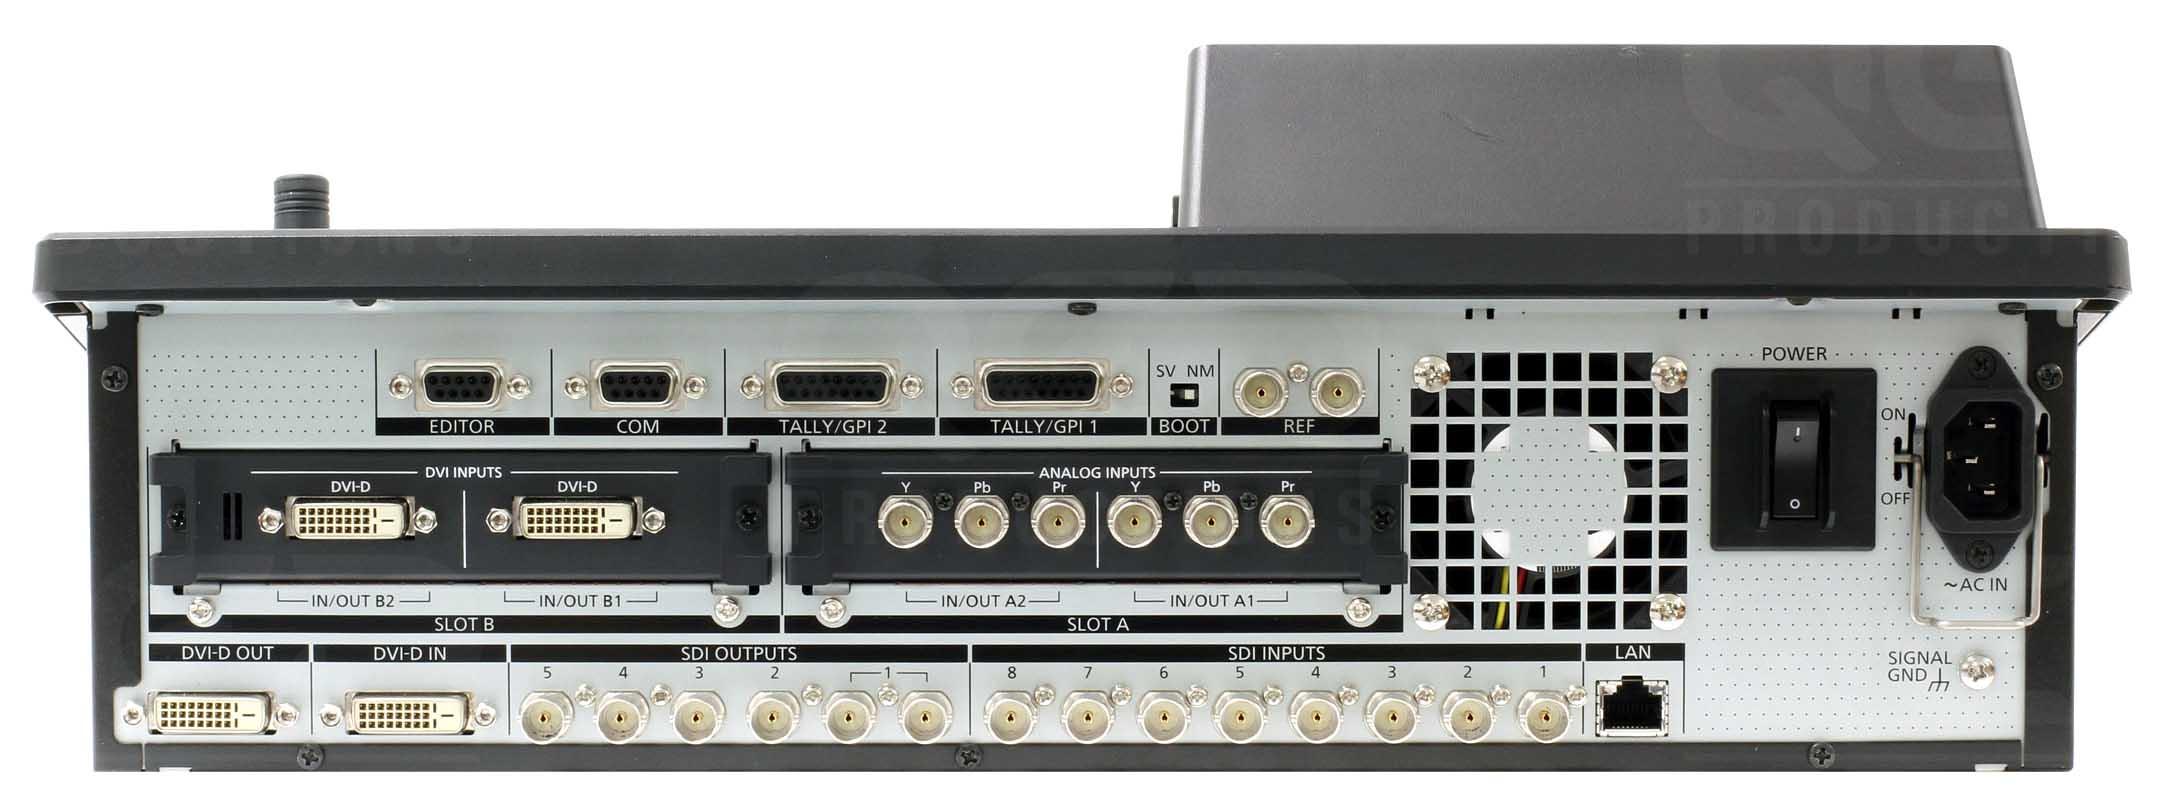 نمای پشت ورودی و خروجی های میکسر تصویر دیجیتال Panasonic مدل HS410